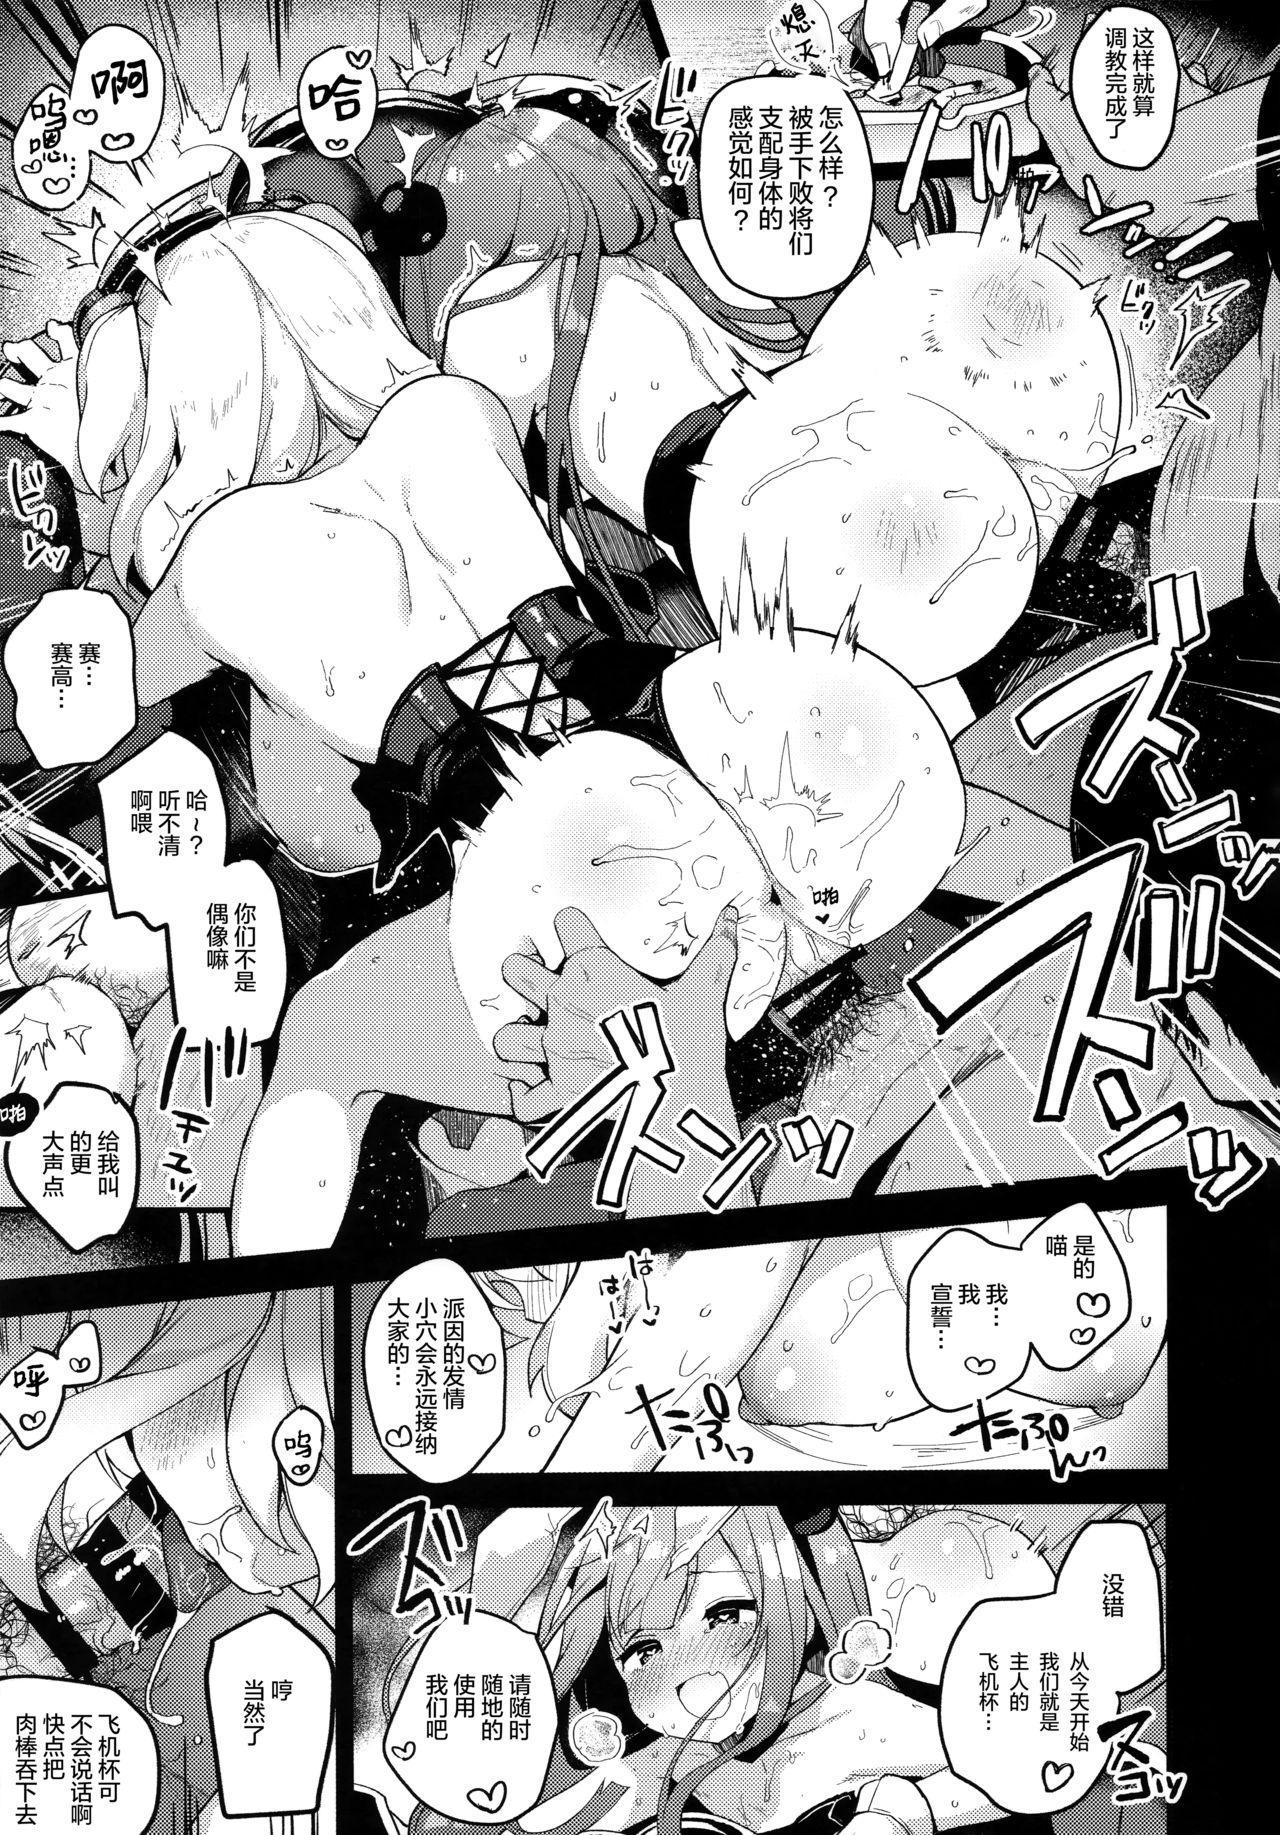 Watashi-tachi ga Makeru wake Nai desho! 14